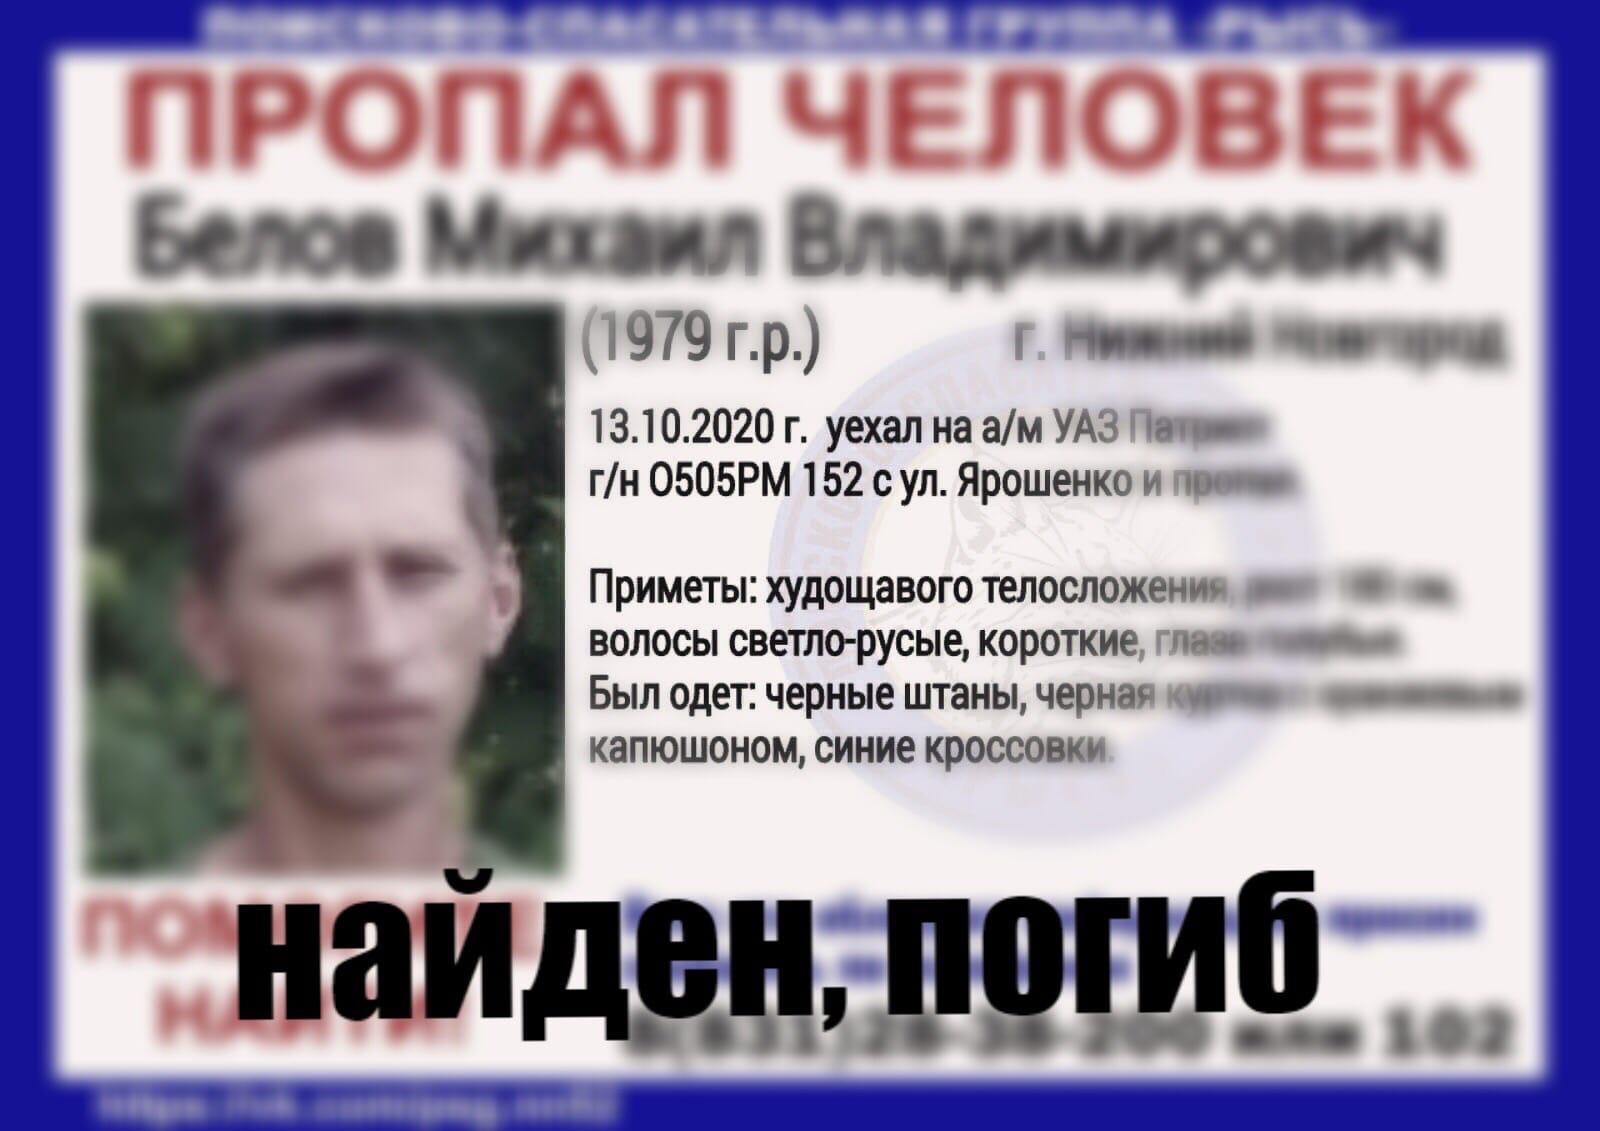 Белов Михаил Владимирович